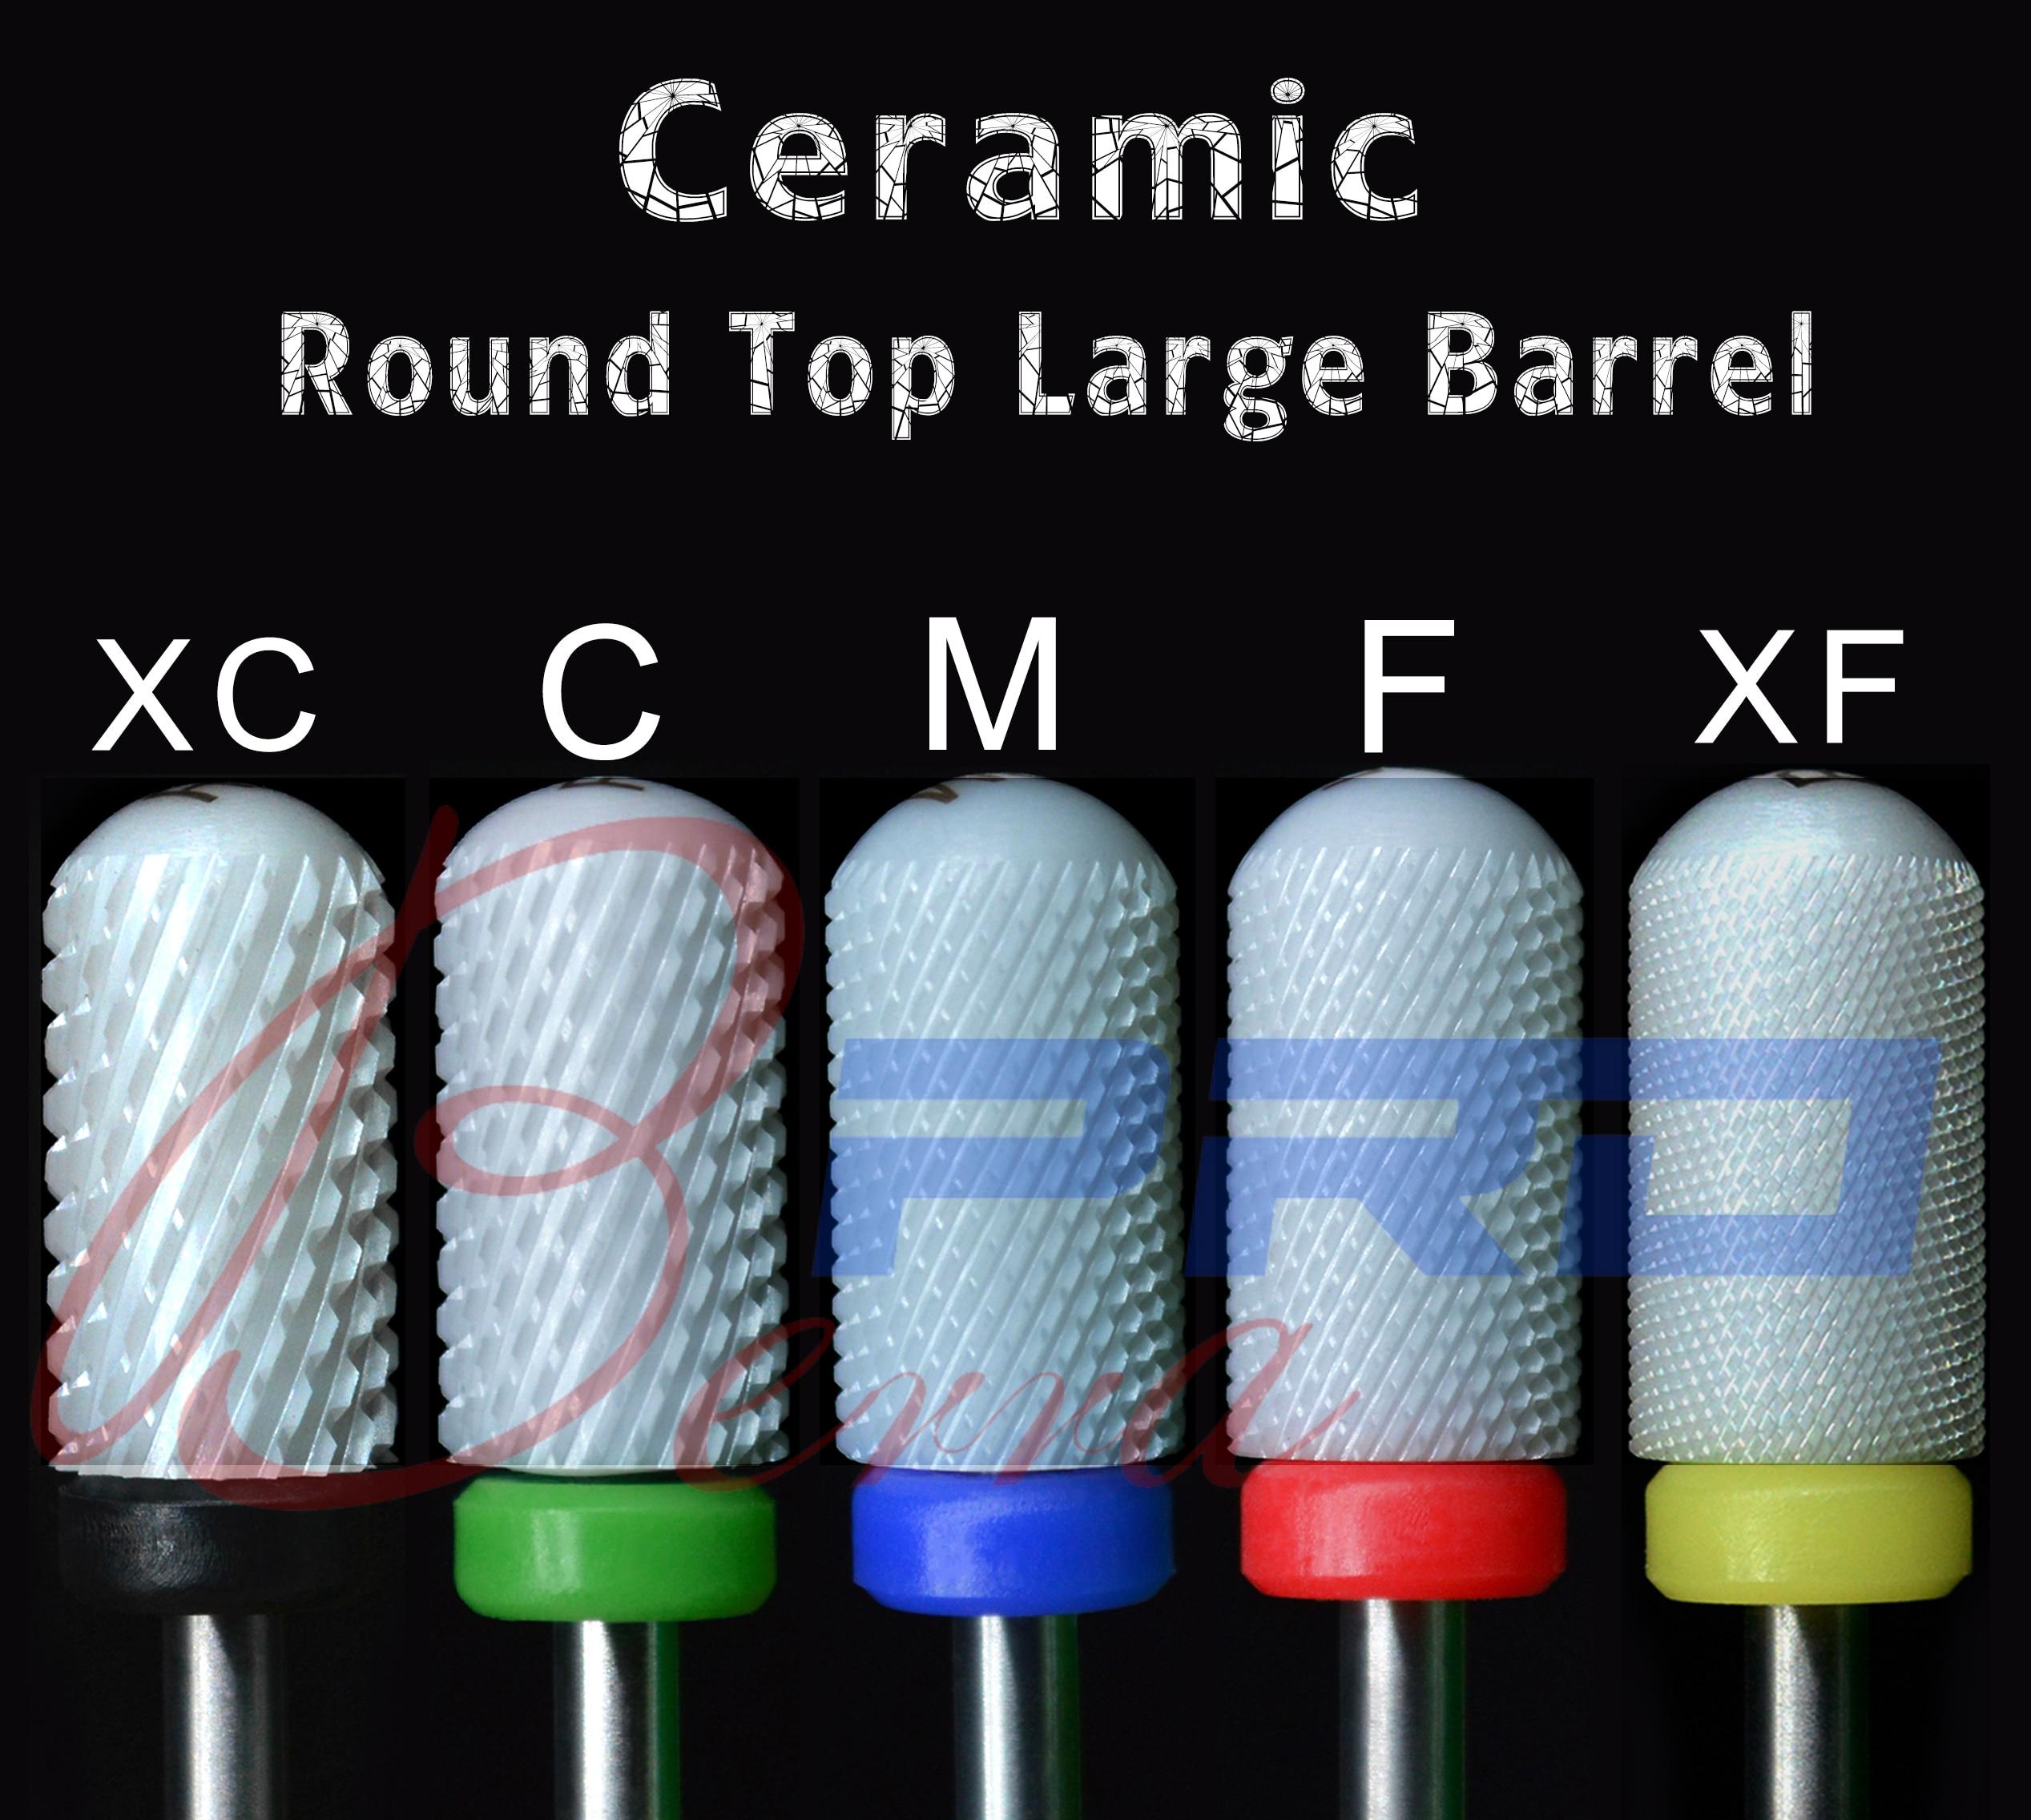 Proberra 6,6 большое гладкое круглое цилиндрическое керамическое сверло для ногтей вращающееся сверло для фрезерования фрез Набор инструментов для маникюра и педикюра|Принадлежности для дизайна ногтей|   | АлиЭкспресс